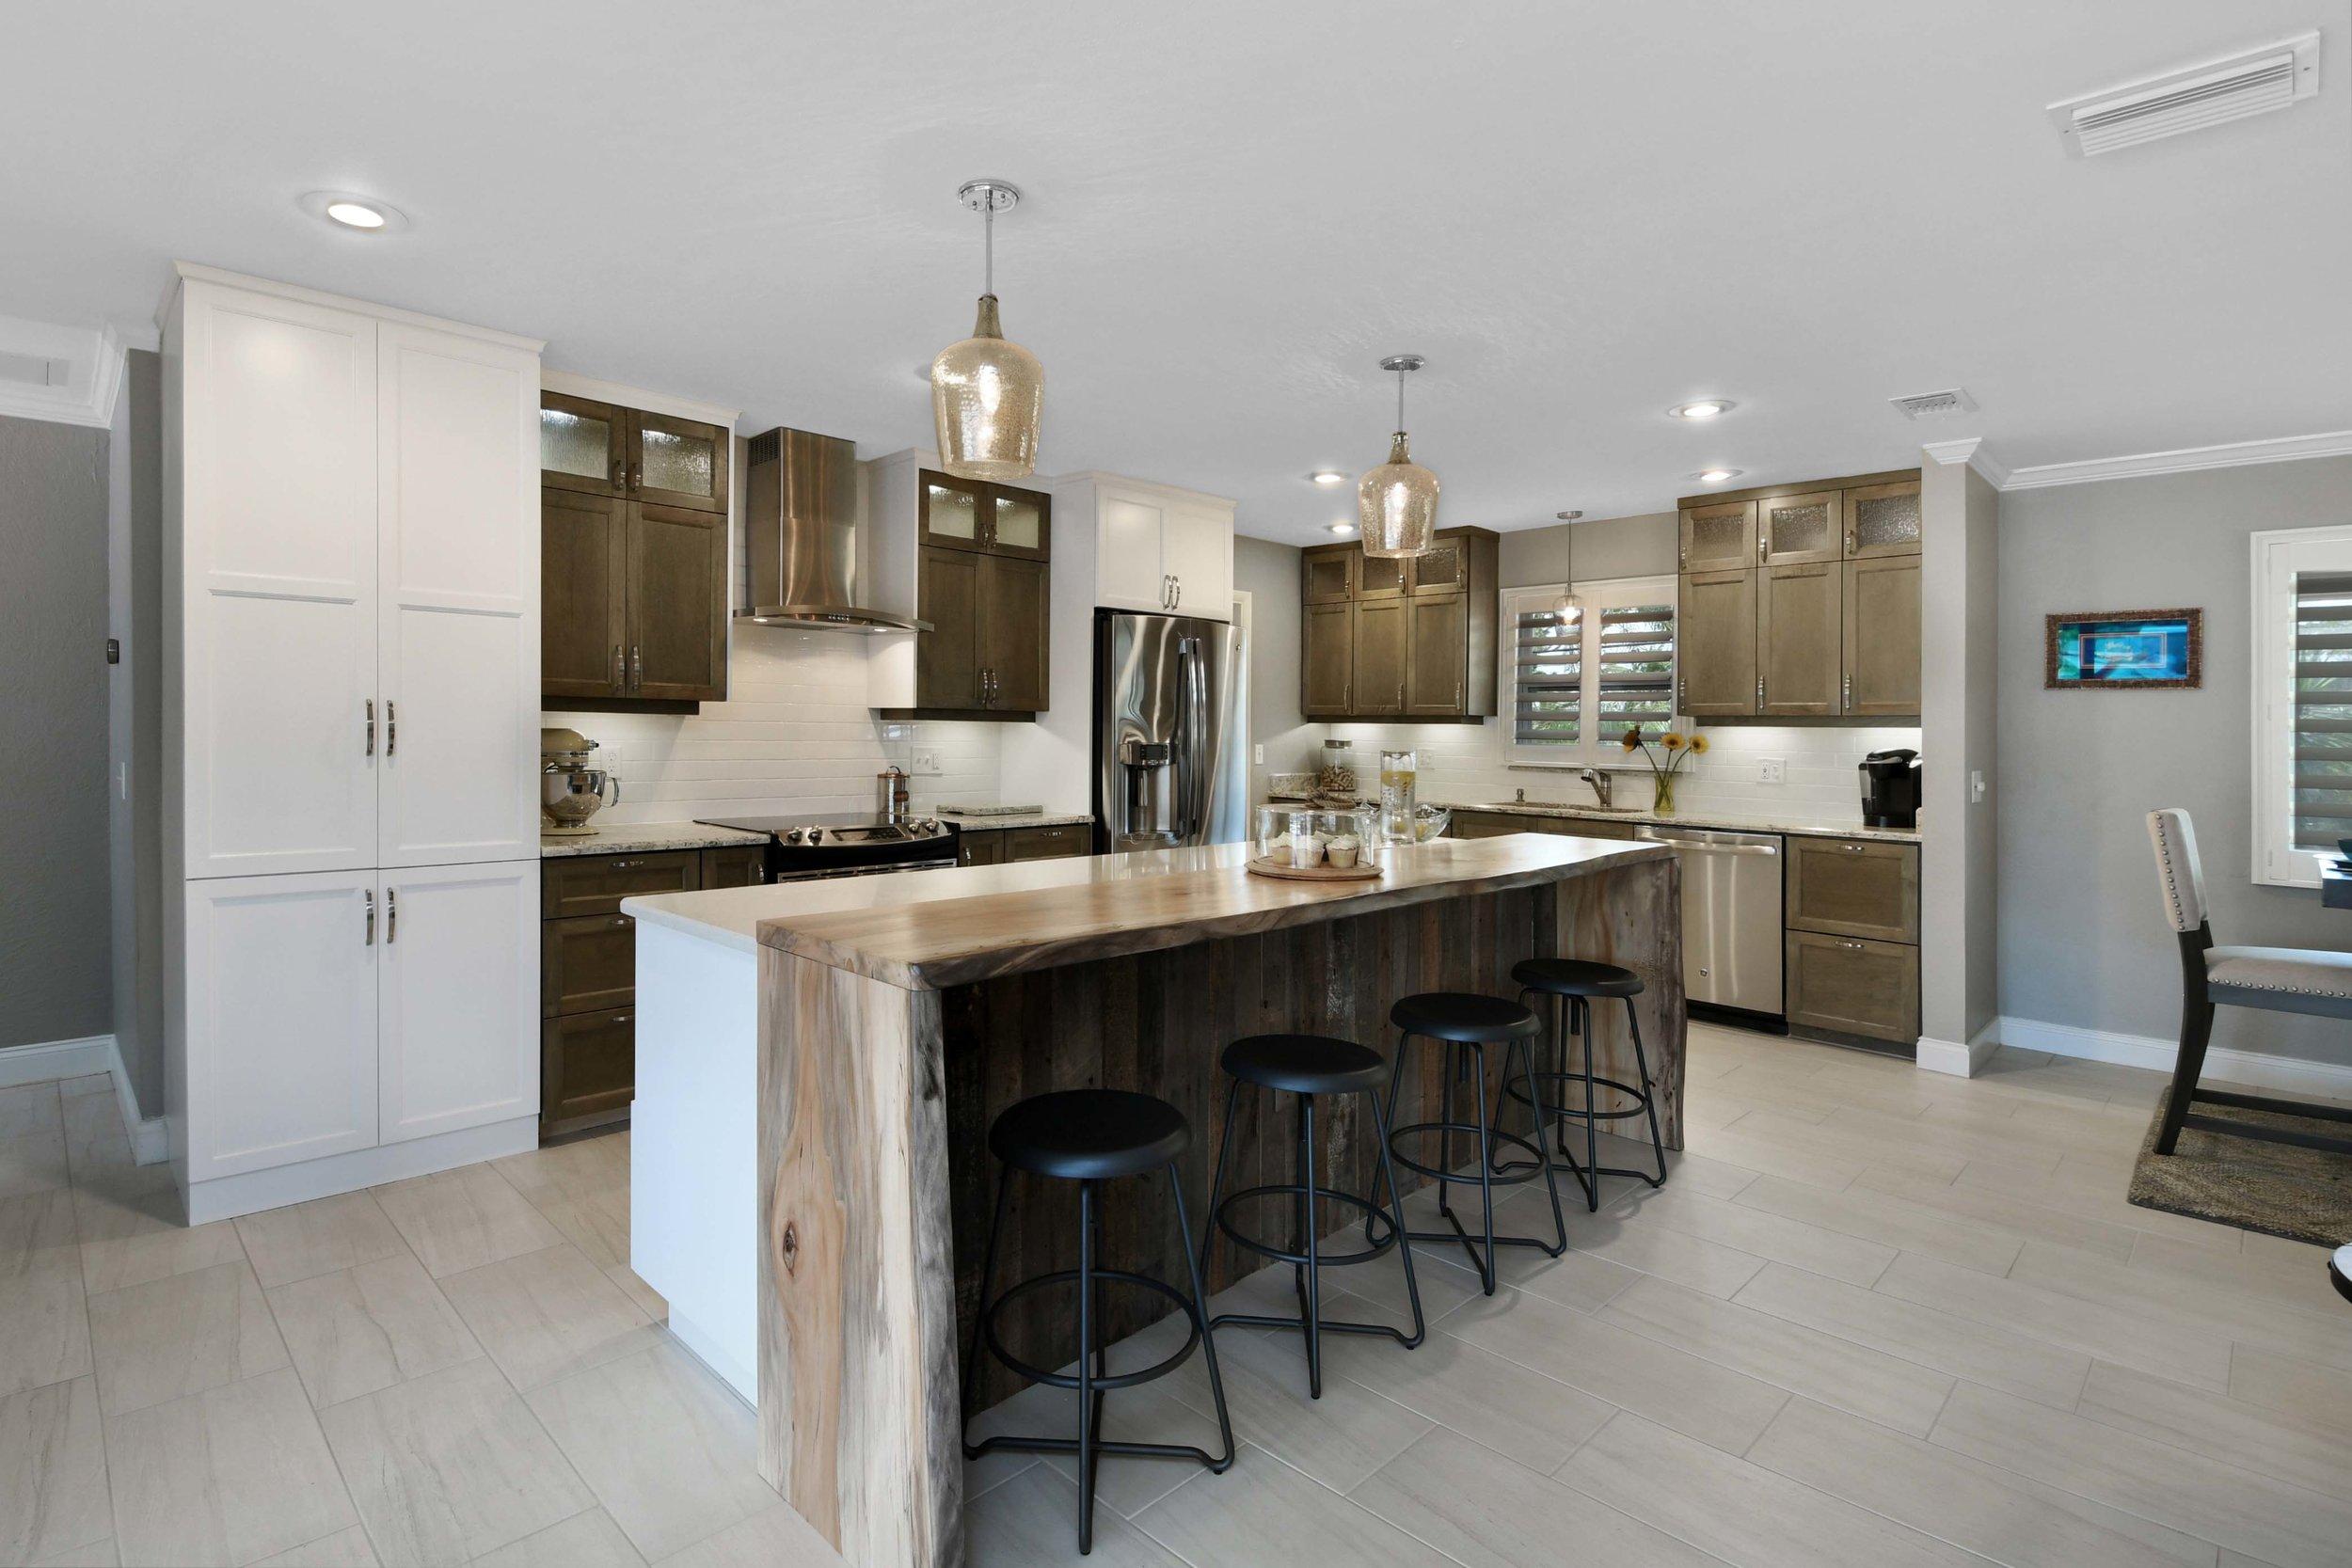 omalley_kitchen_008.jpg